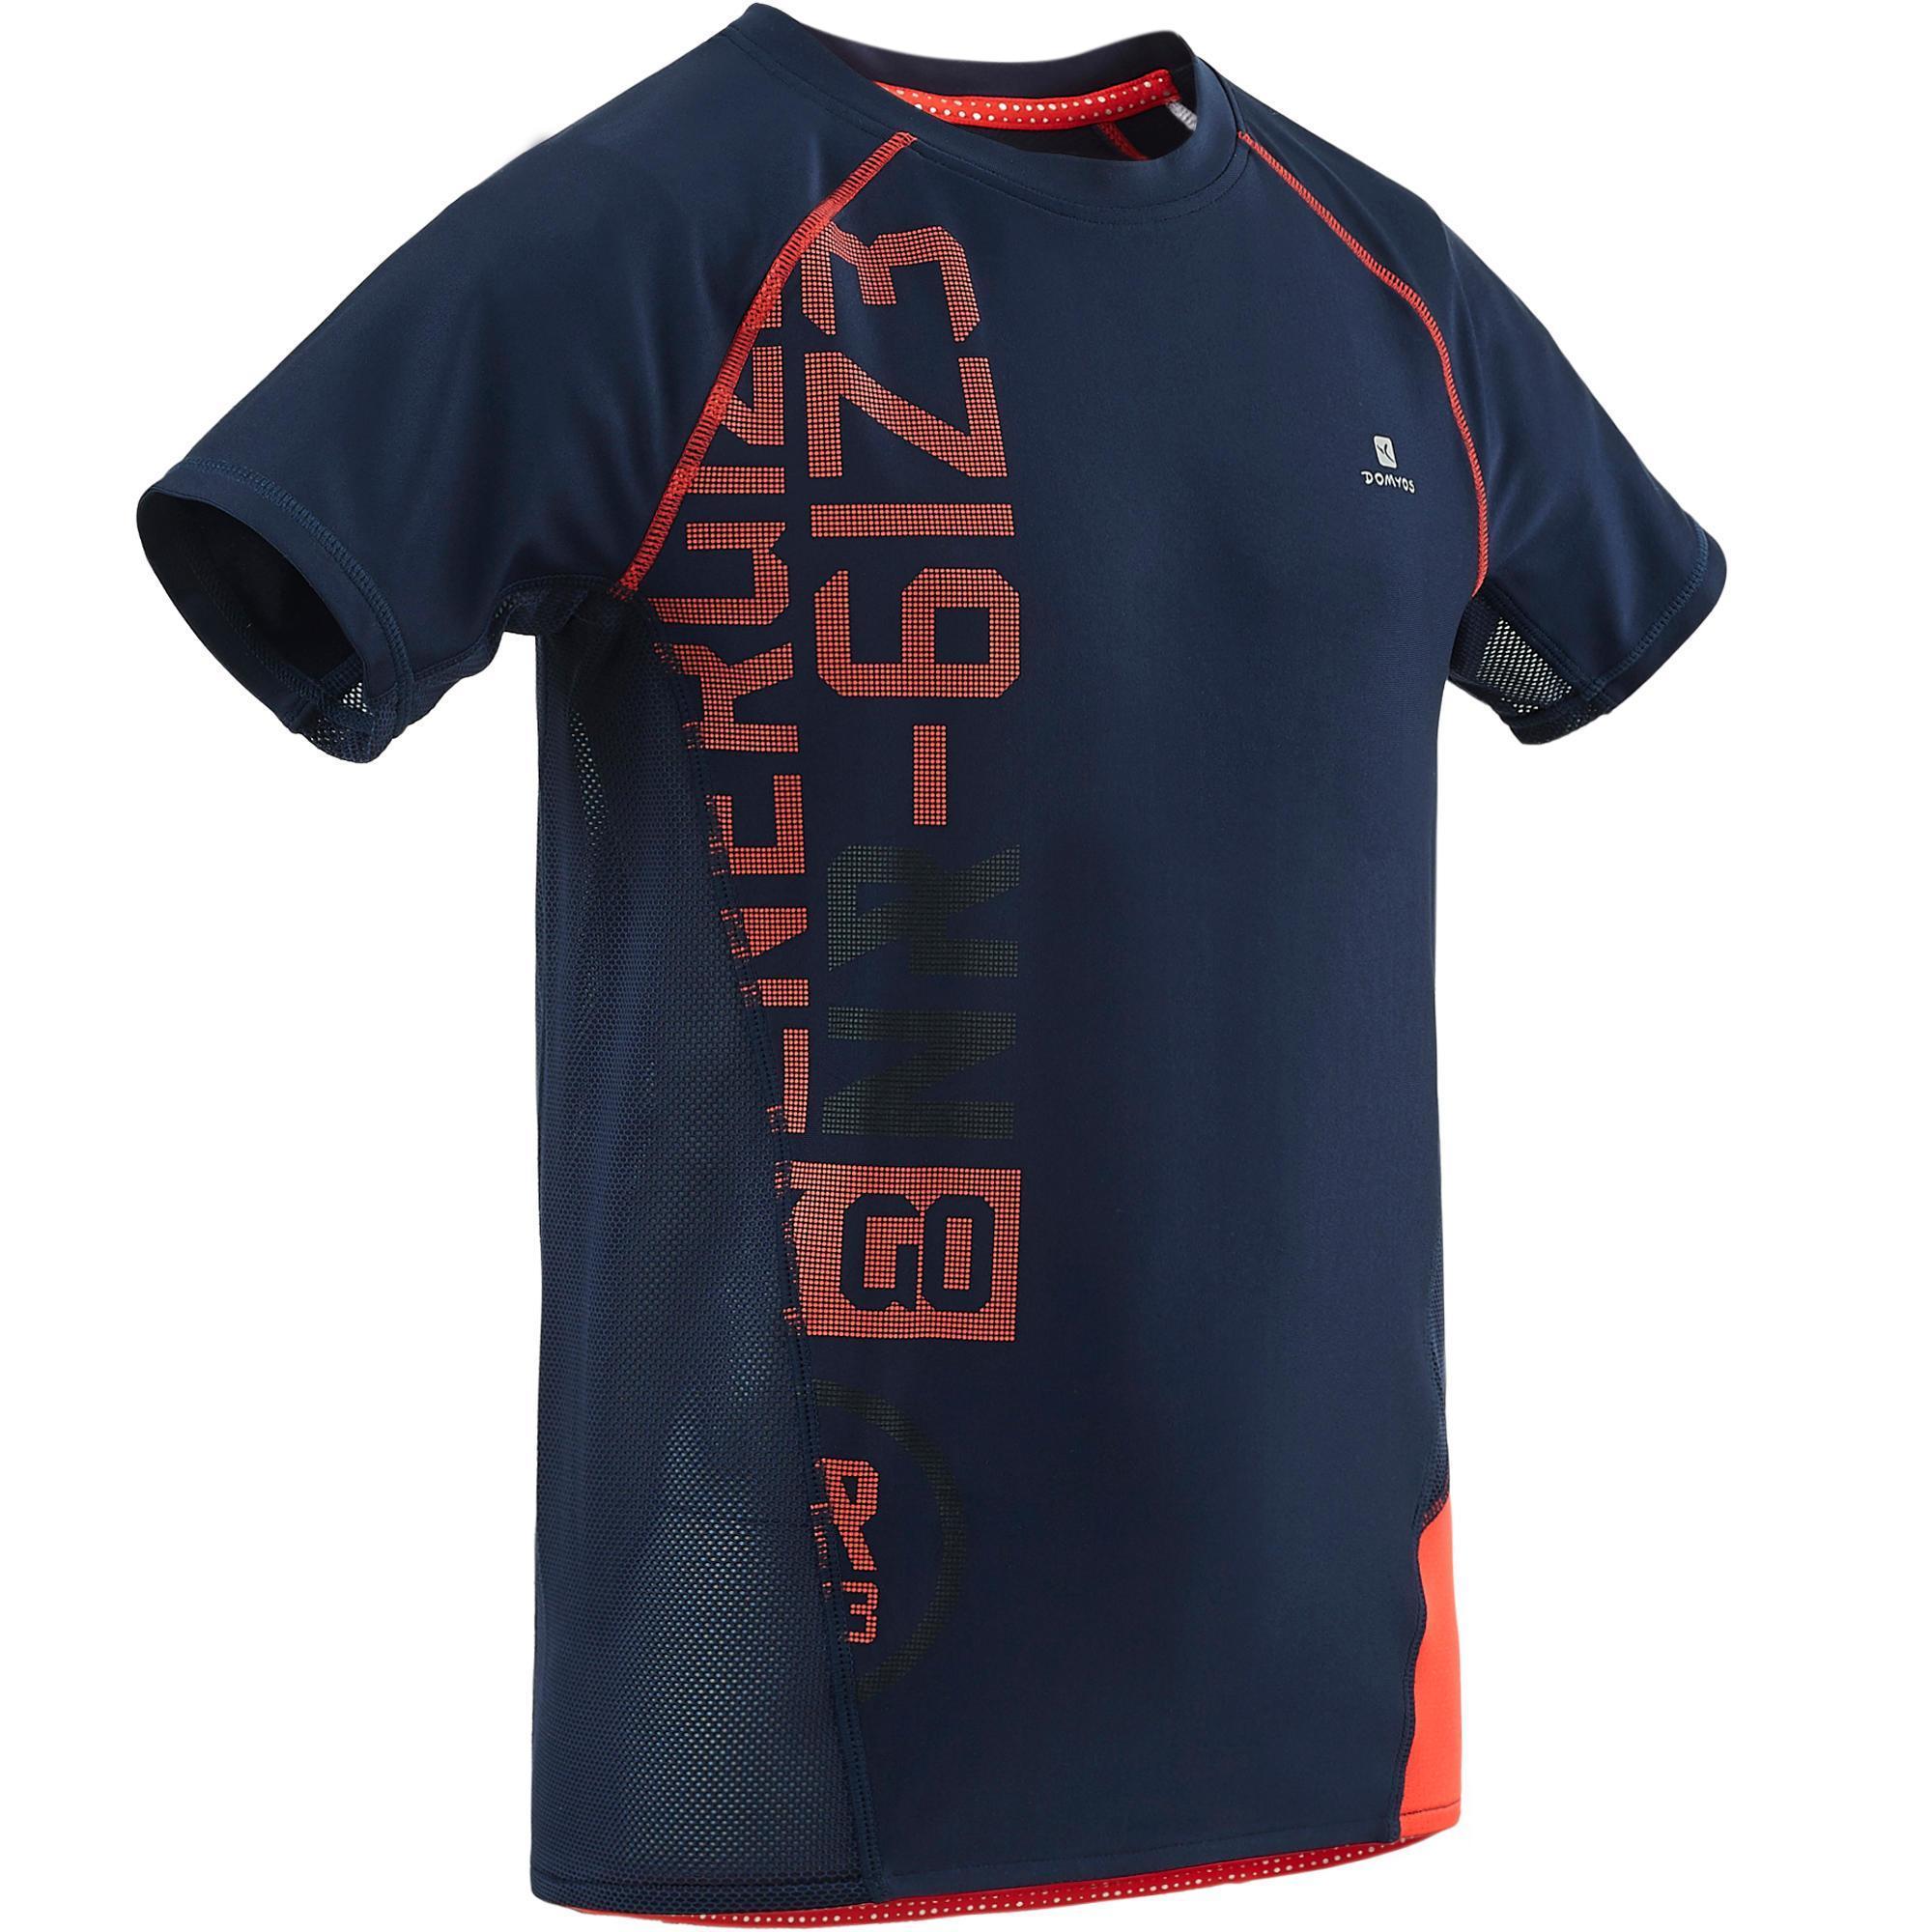 Domyos Gym T-shirt met korte mouwen S900 voor jongens slim fit blauw met opdruk